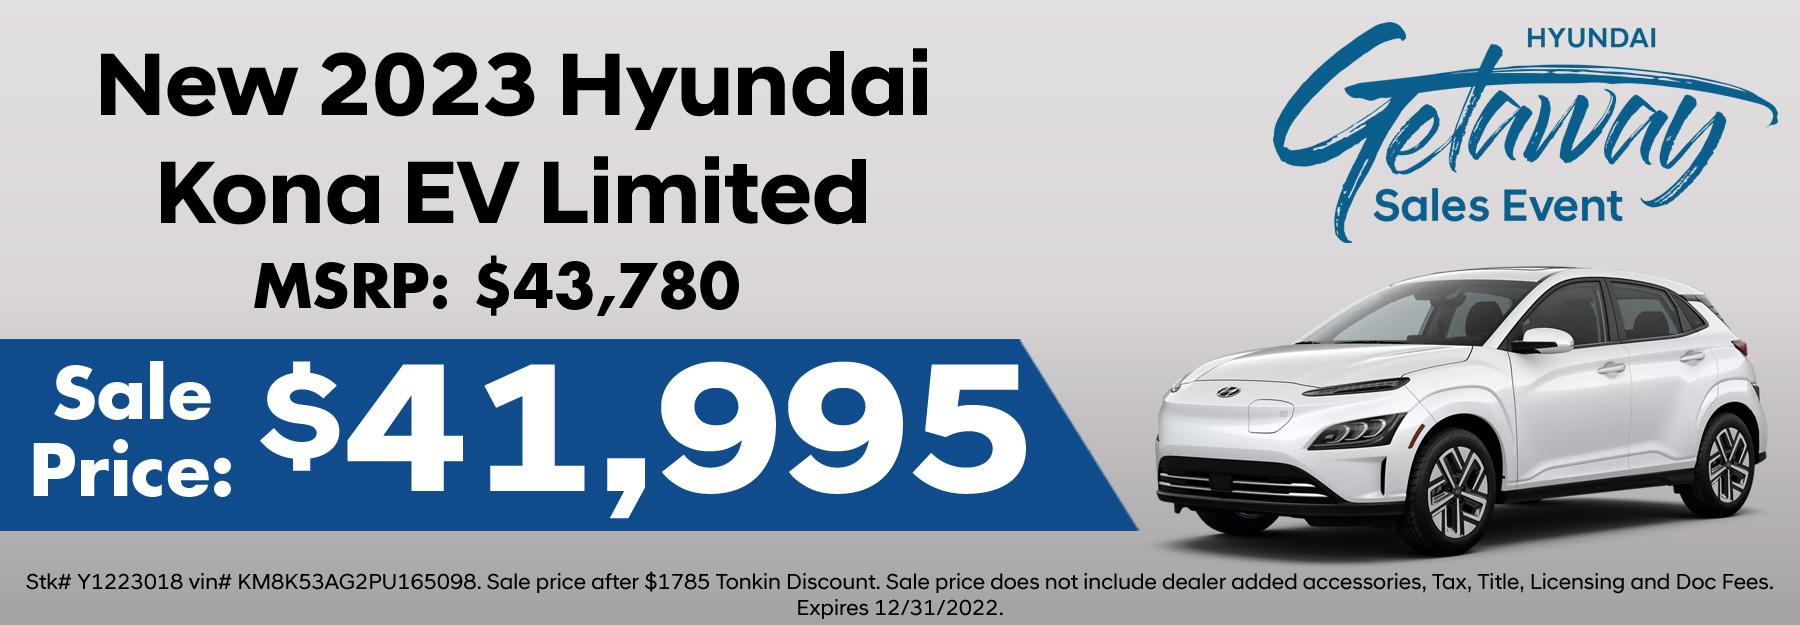 New Hyundai Kona EV Special